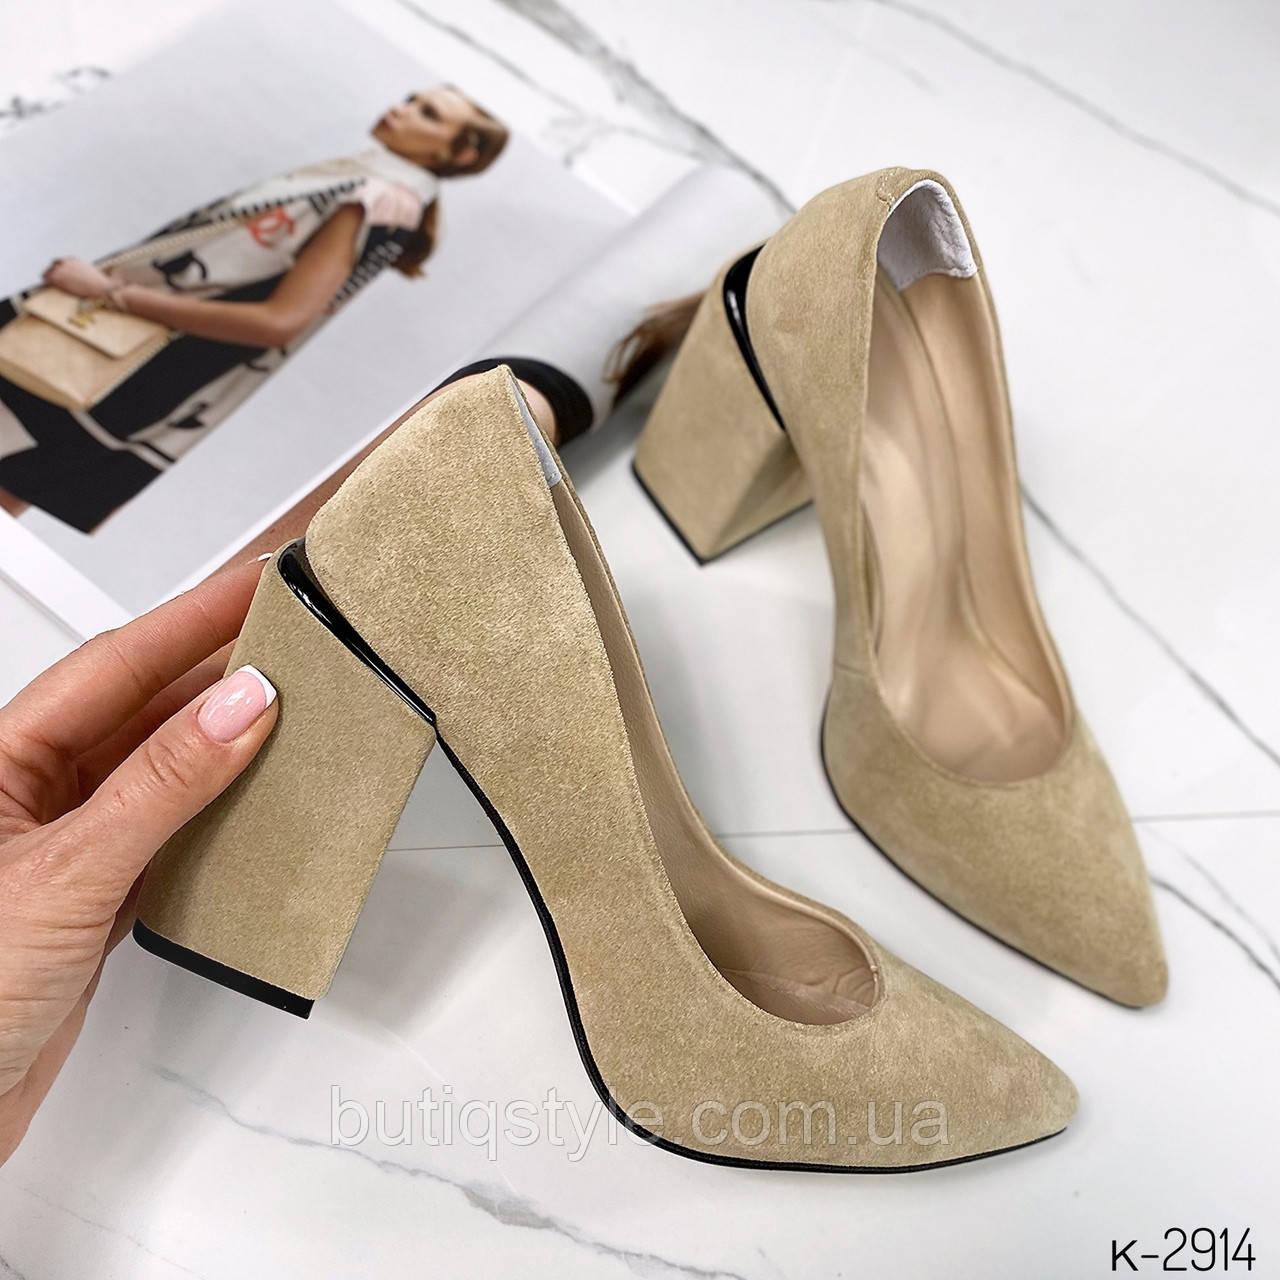 Женские песочные туфли натуральная замша на каблуке